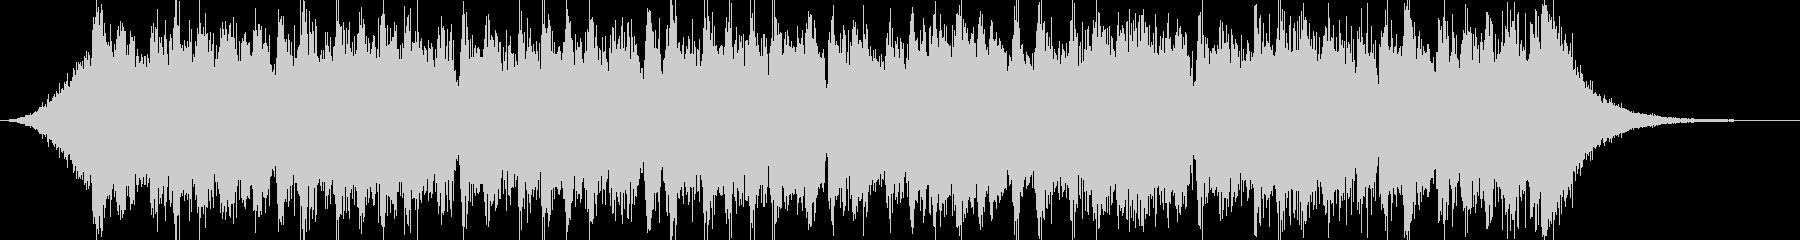 企業VPや映像33、壮大、オーケストラcの未再生の波形